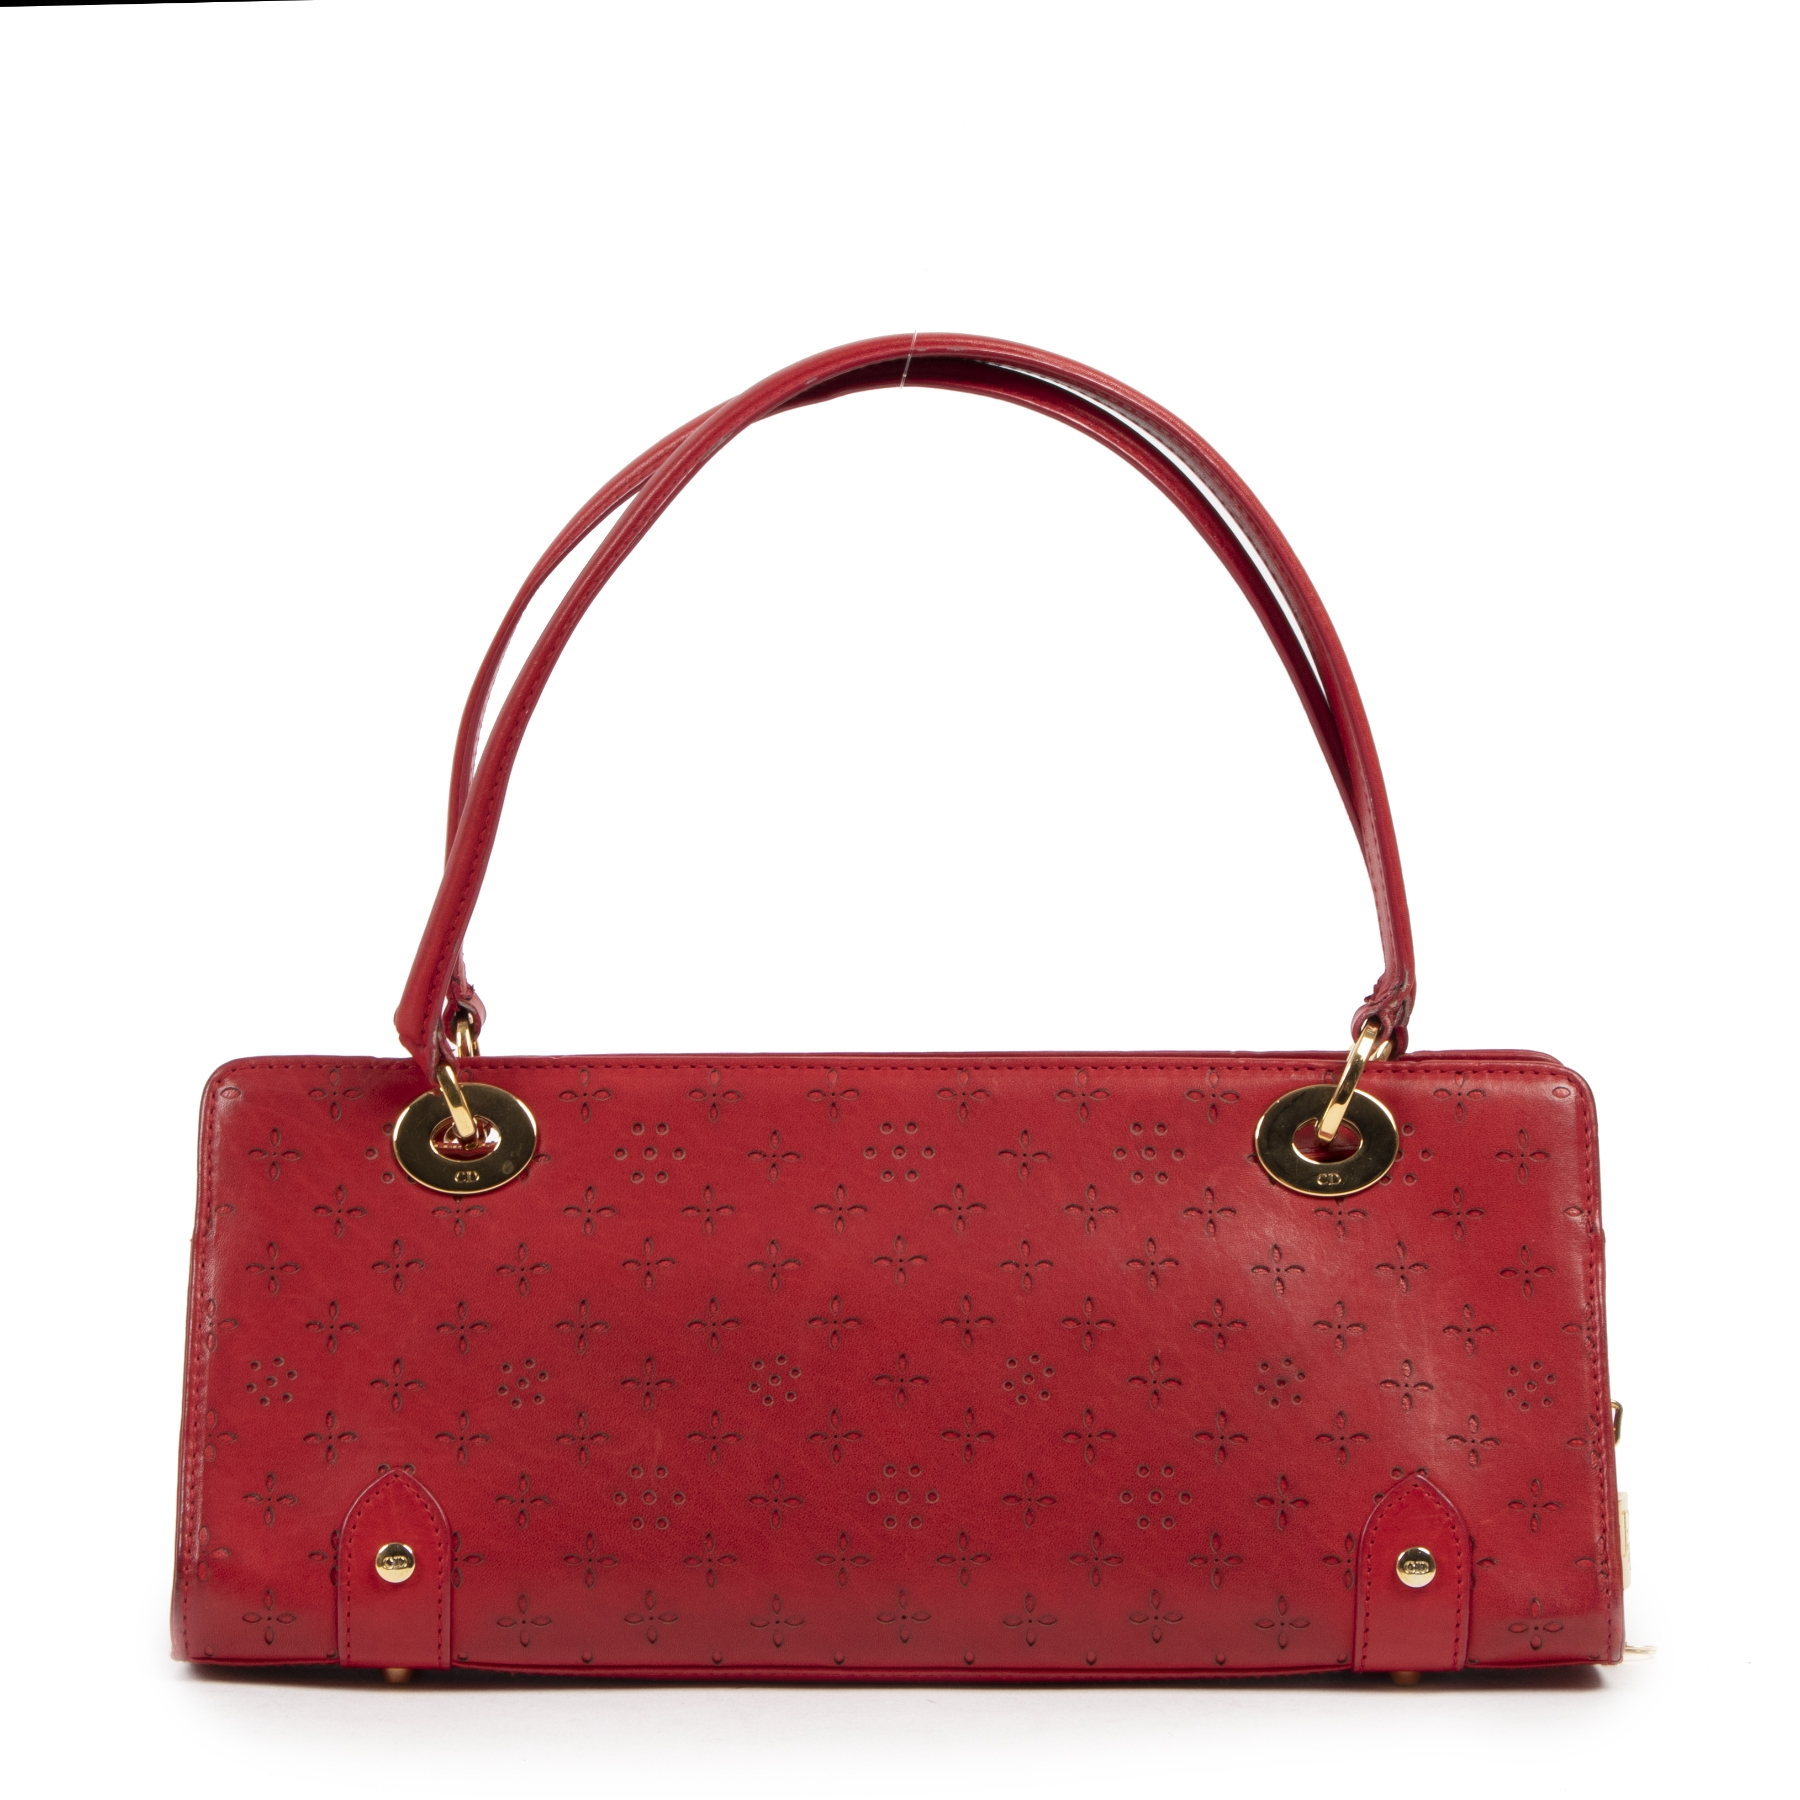 Authentieke Tweedehands Christian Dior Red Baguette Bag  juiste prijs veilig online shoppen luxe merken webshop winkelen Antwerpen België mode fashion